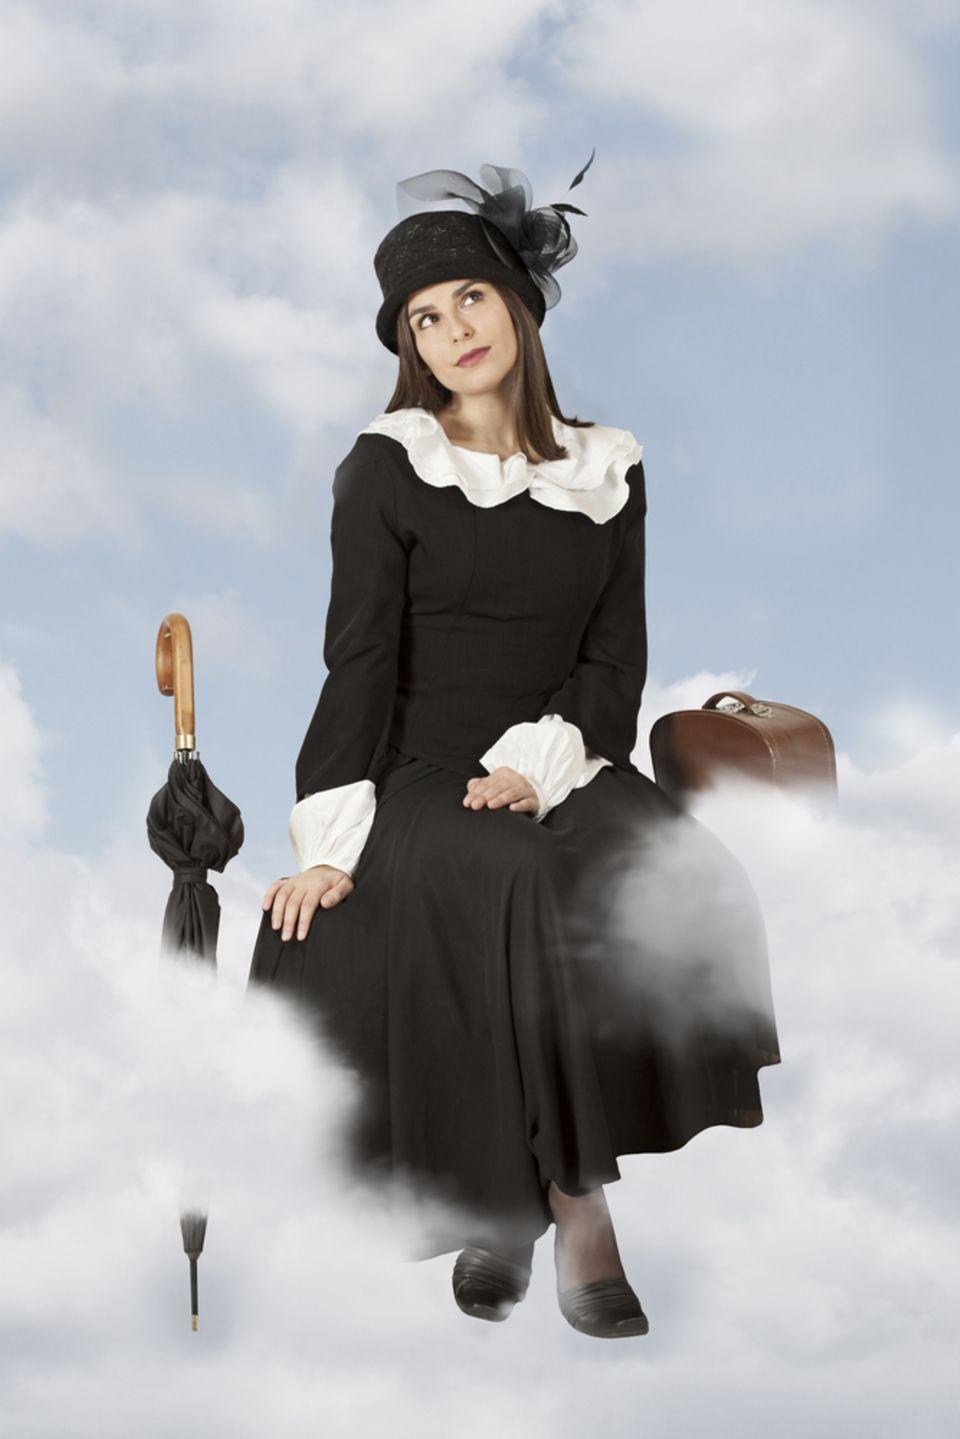 Kindheitshelden: Frau als Mary Poppins verkleidet